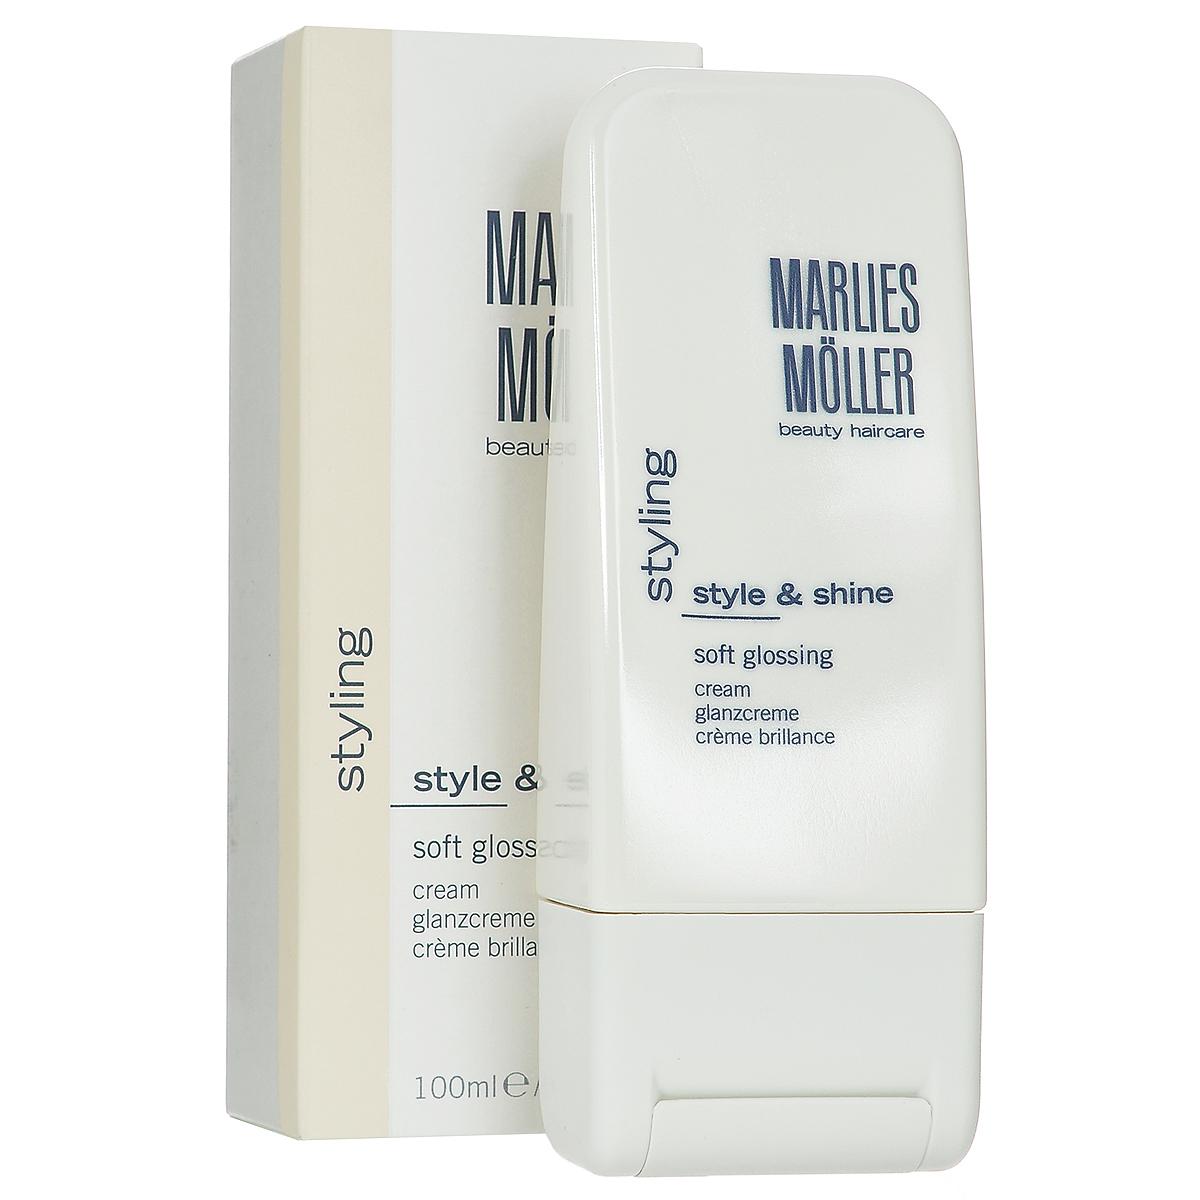 Marlies Moller Крем-блеск Styling, для выпрямления волос, 100 мл25668MMsДля гладких и сияющих волос. Препятствует завиванию волос. Облегчает укладку и делает волосы послушными.Применение: распределите небольшое количество средства в ладонях и нанесите на сухие волосы. Характеристики:Объем: 100 мл. Артикул: 25668MMs. Производитель: Швейцария. Товар сертифицирован.